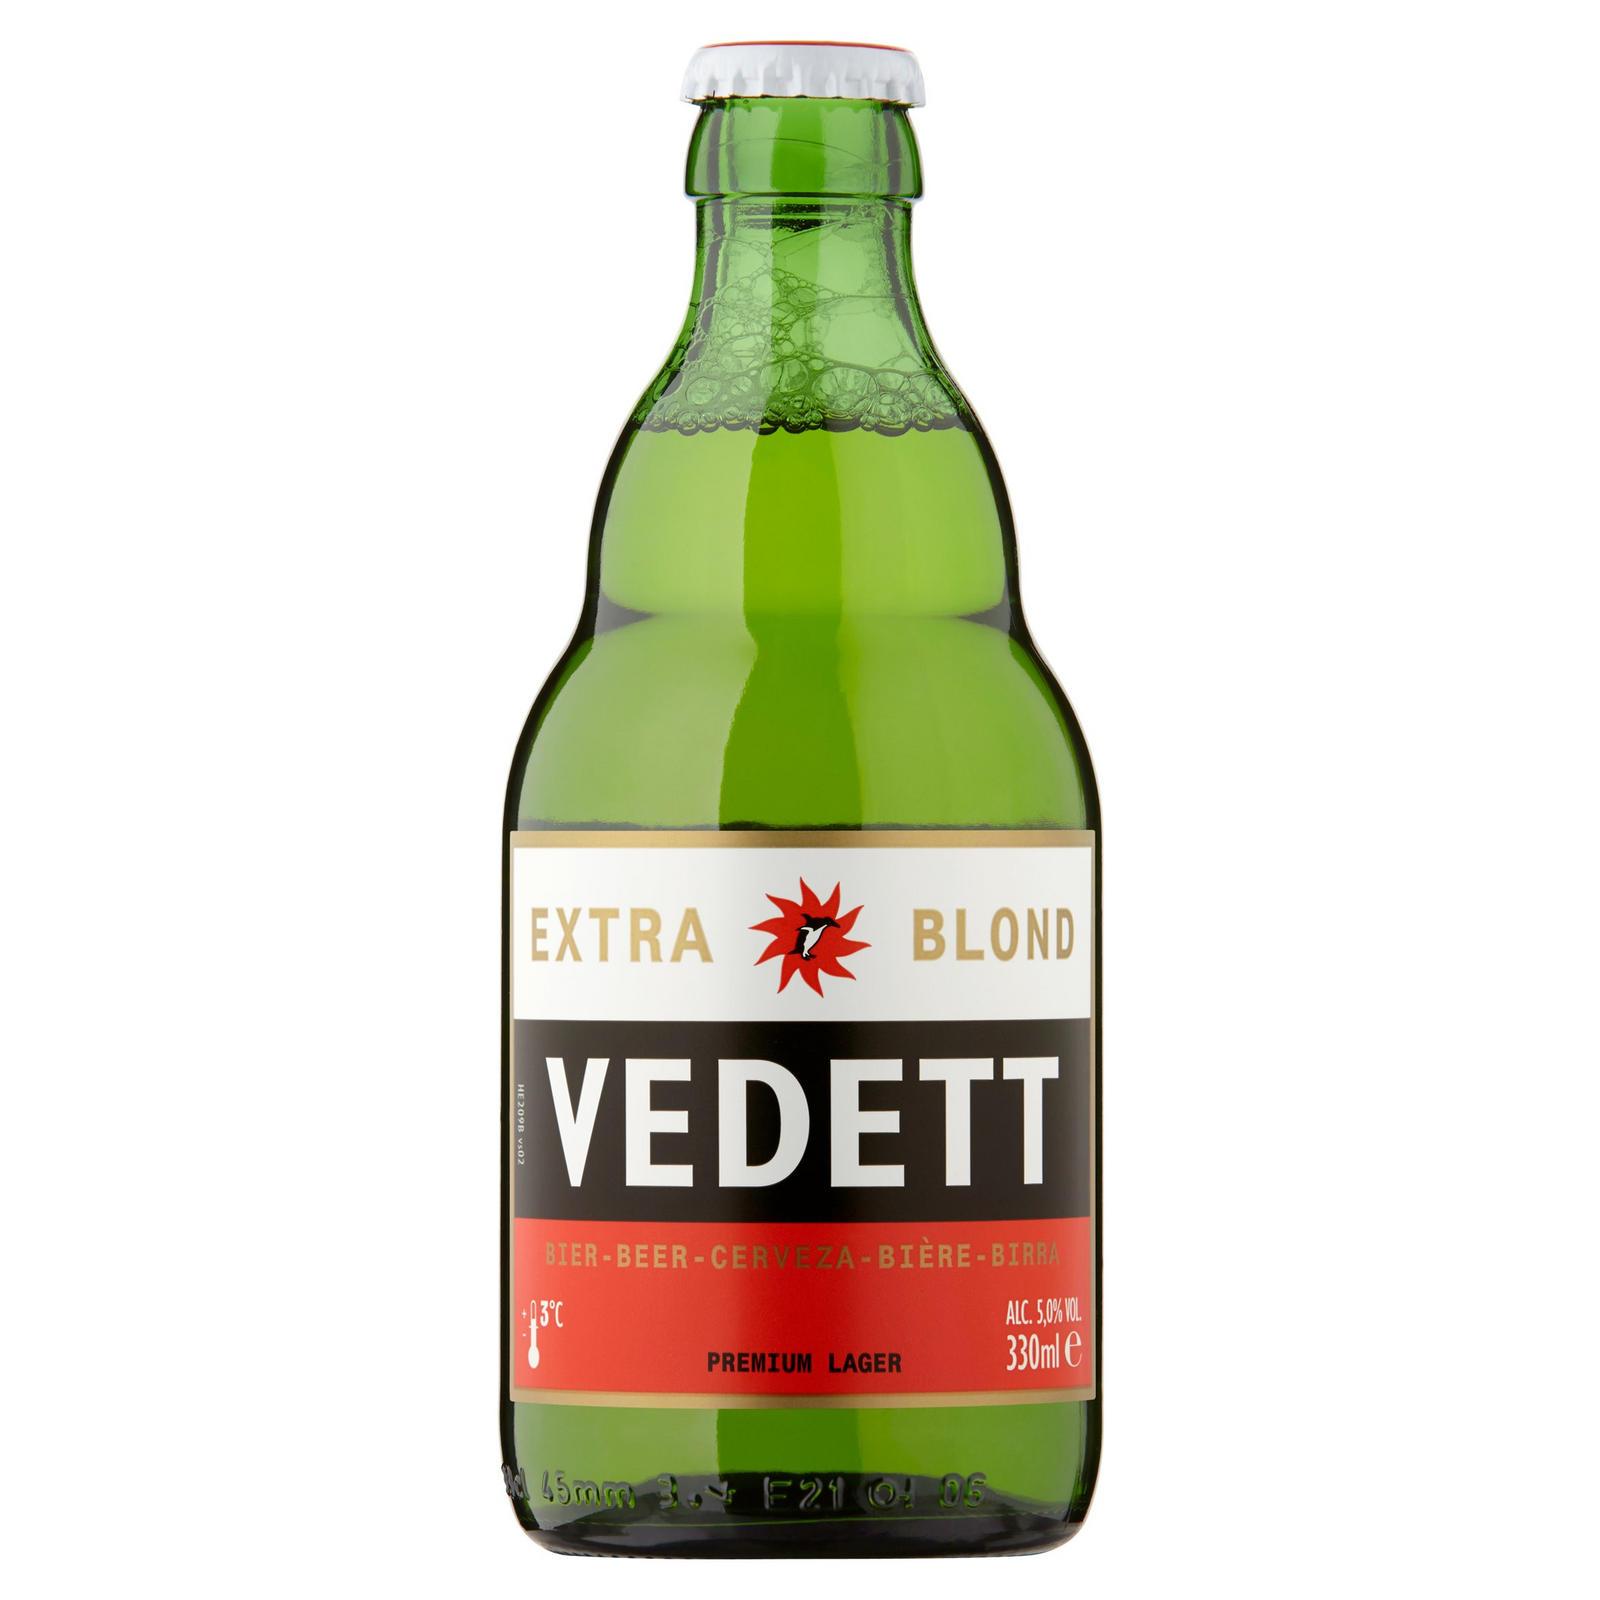 vedett_extra_blond_premium_lager_330ml_83026_T1